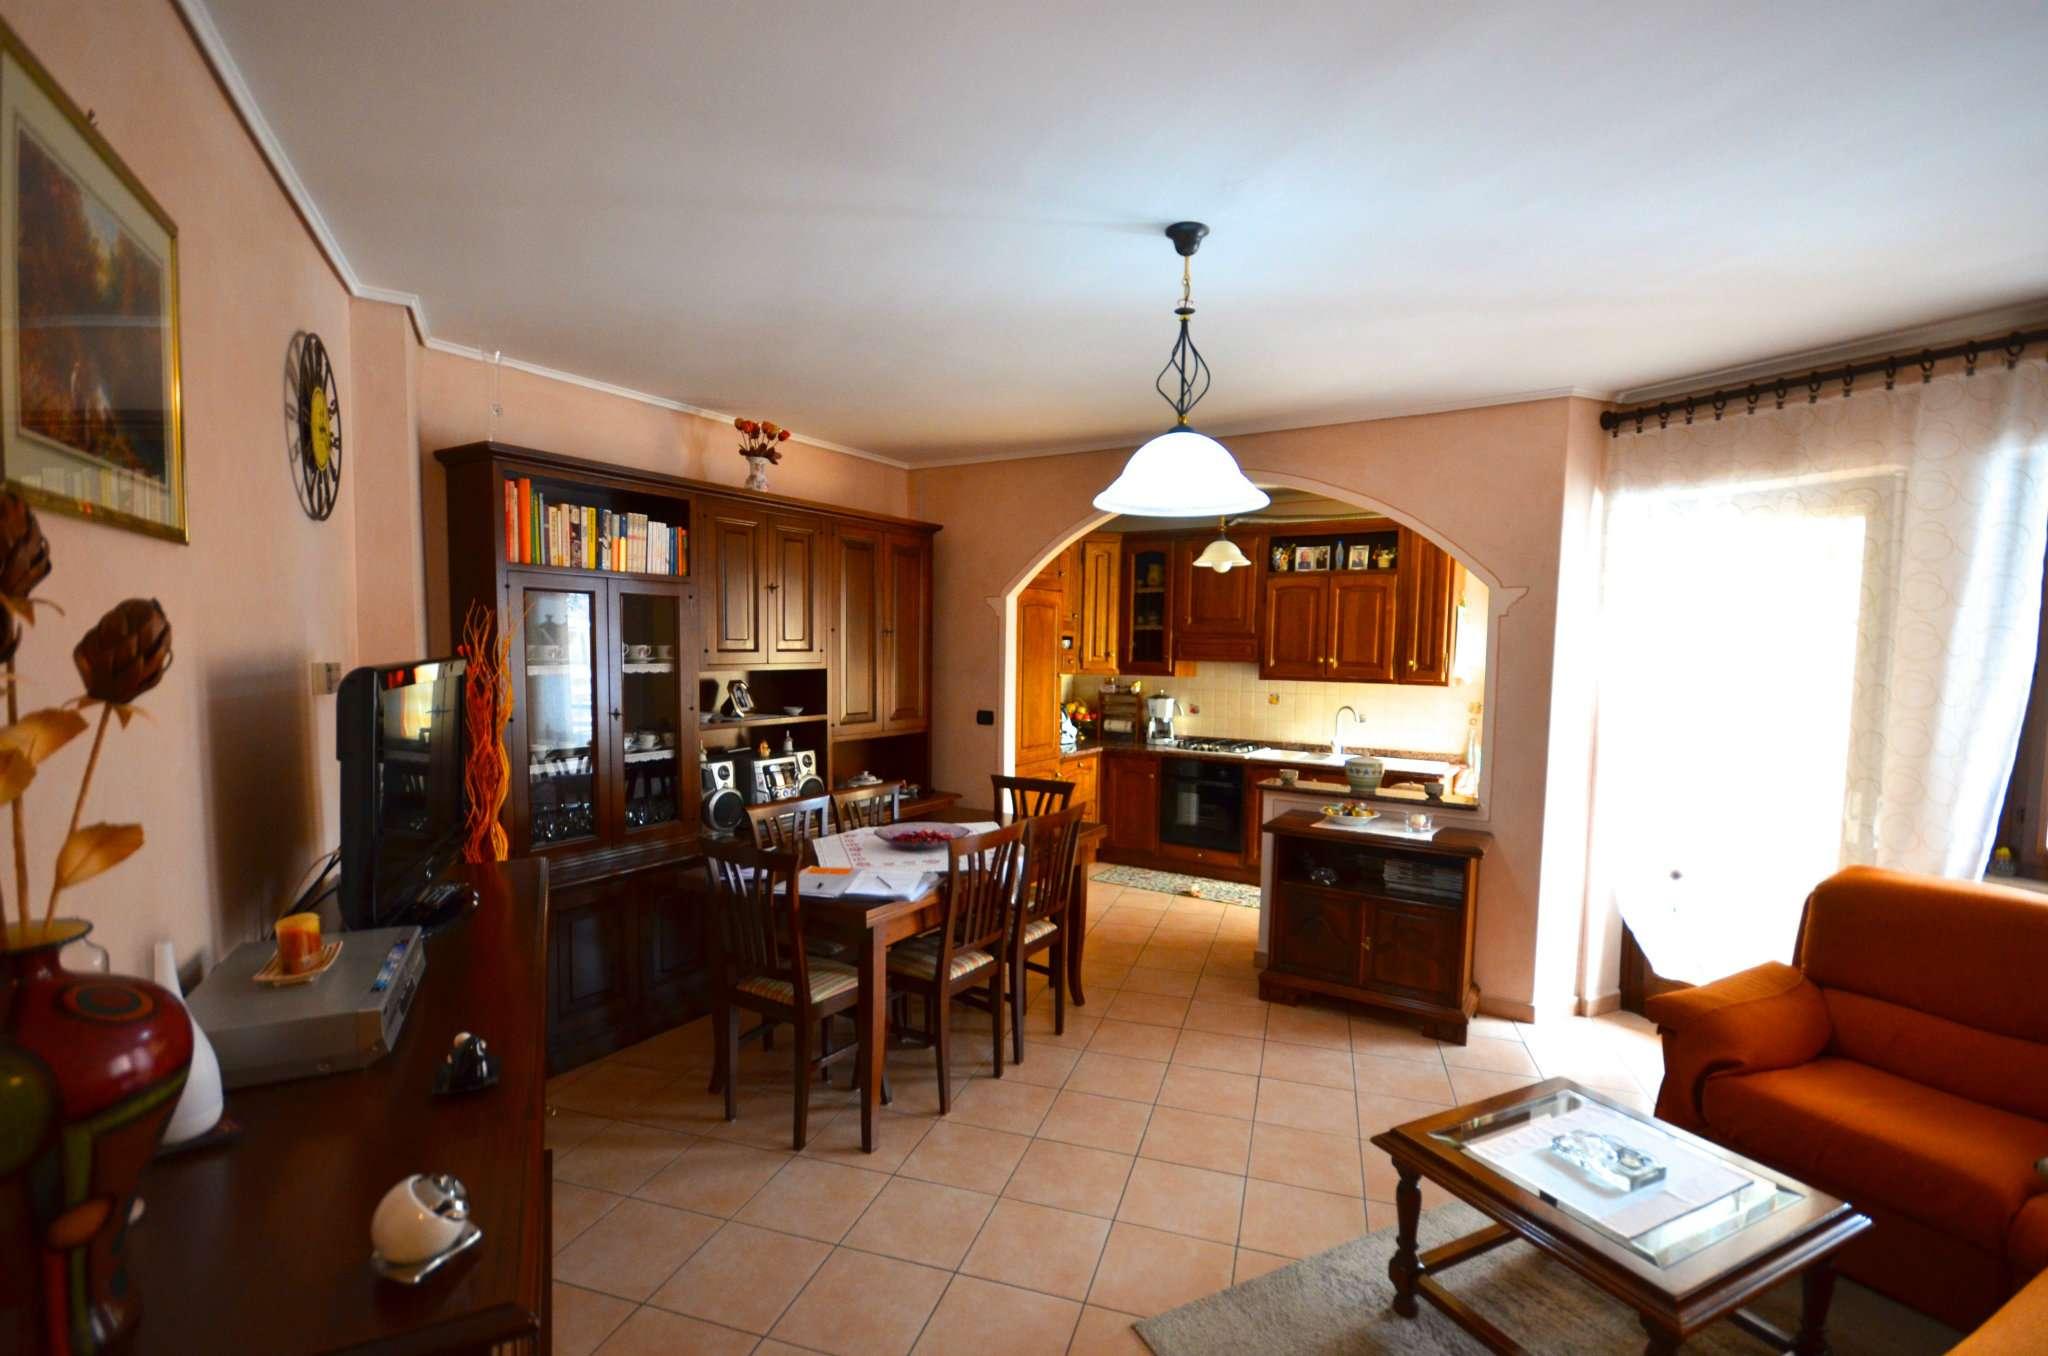 Appartamento in vendita a Borgo San Dalmazzo, 4 locali, prezzo € 100.000 | CambioCasa.it